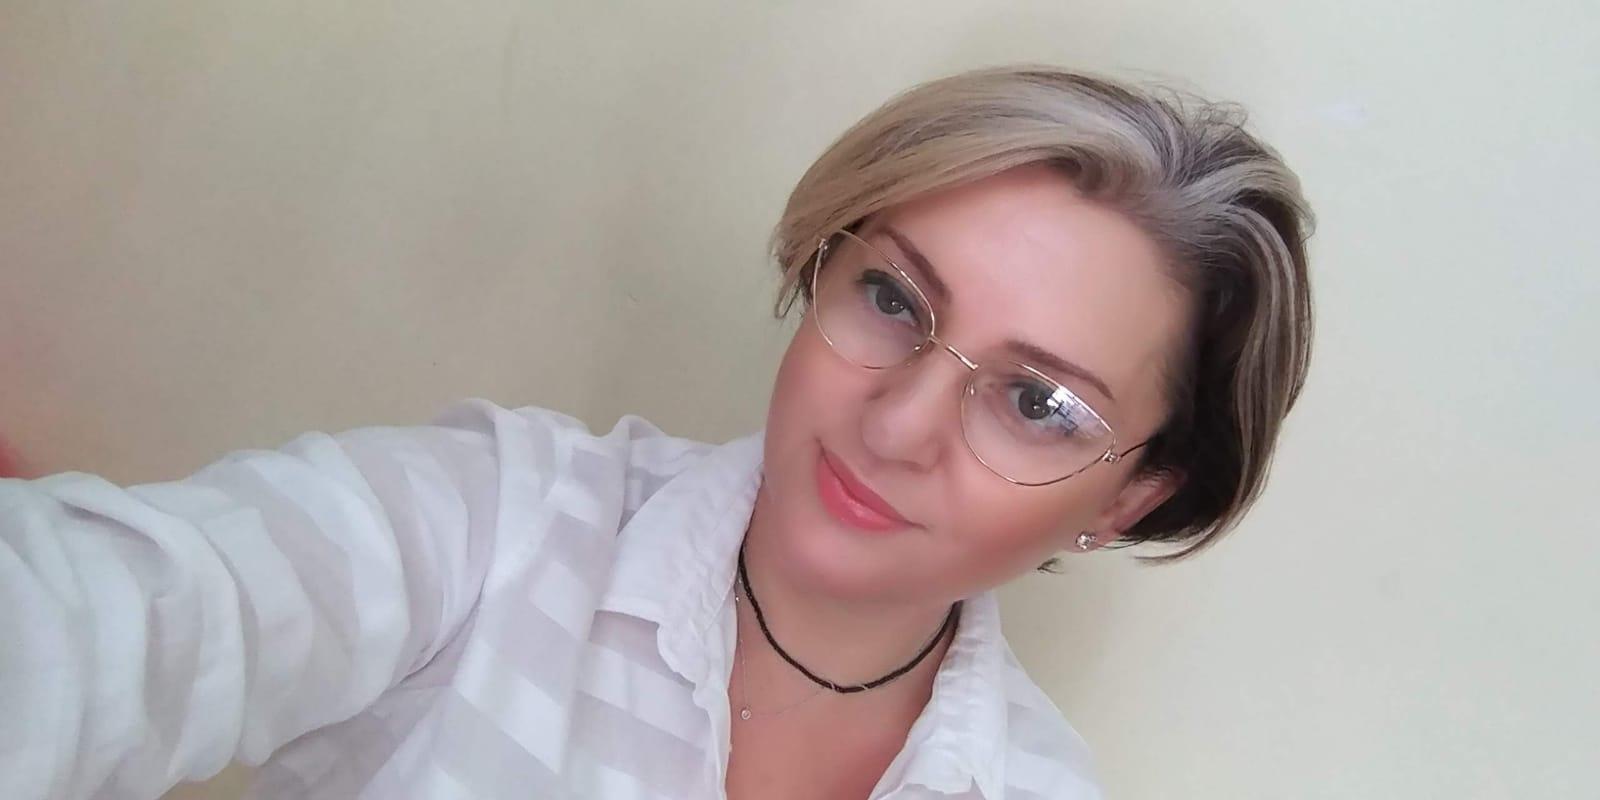 אוקסנה מילר בוטיק יופי ואסתטיקה מתקדמת